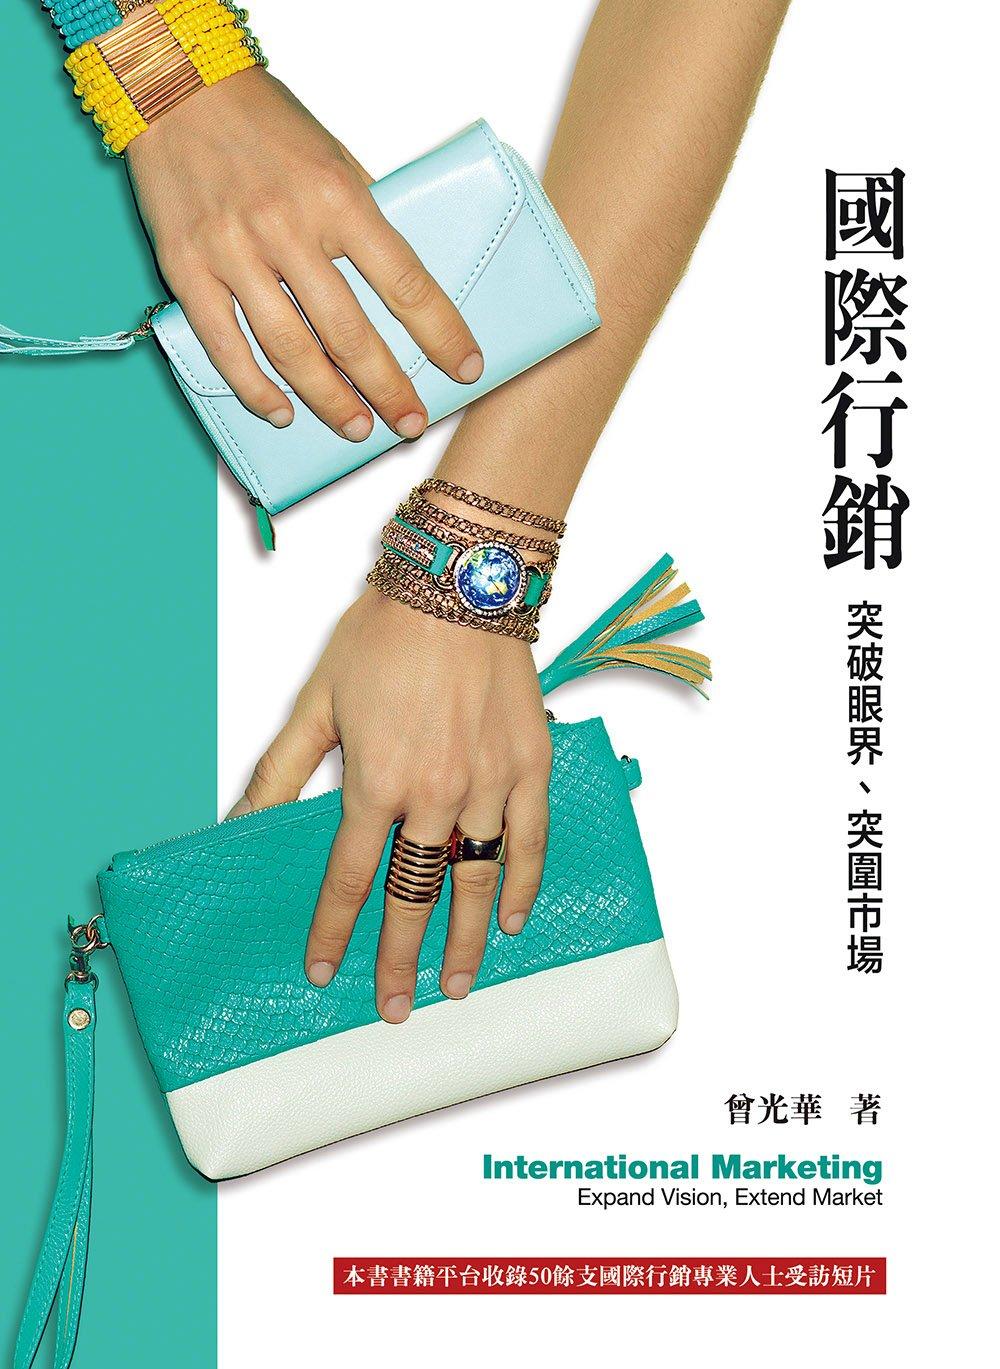 國際行銷:突破眼界、突圍市場